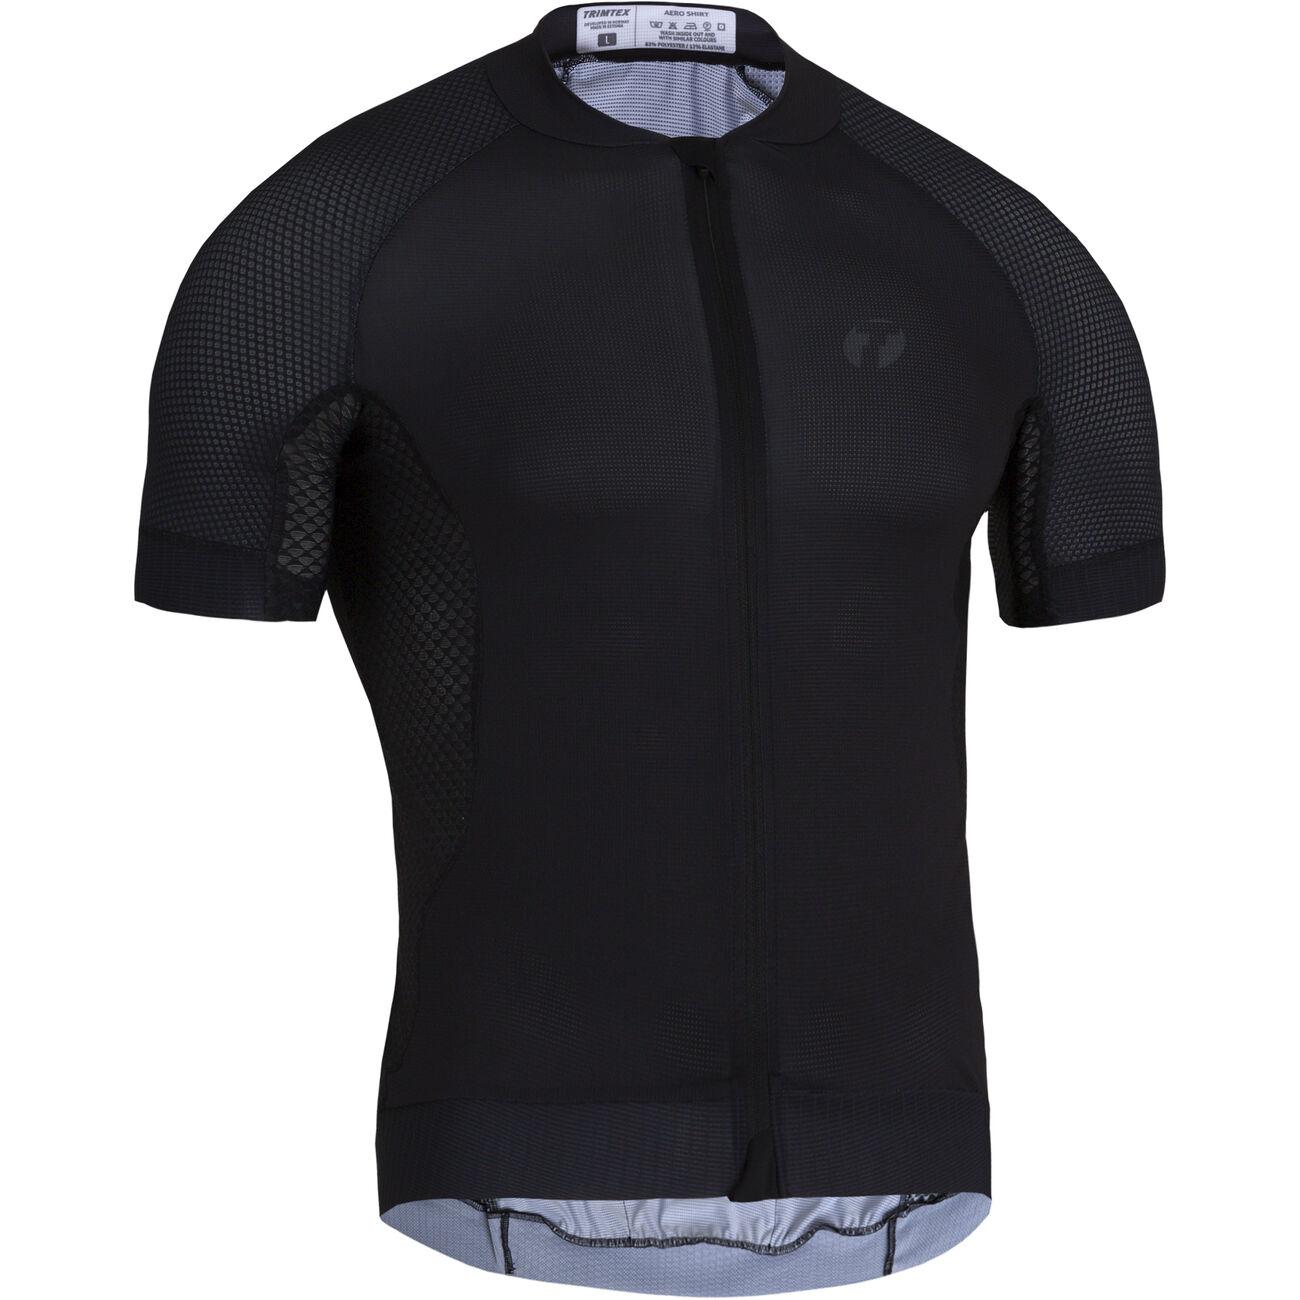 Aero cycling shirt men's